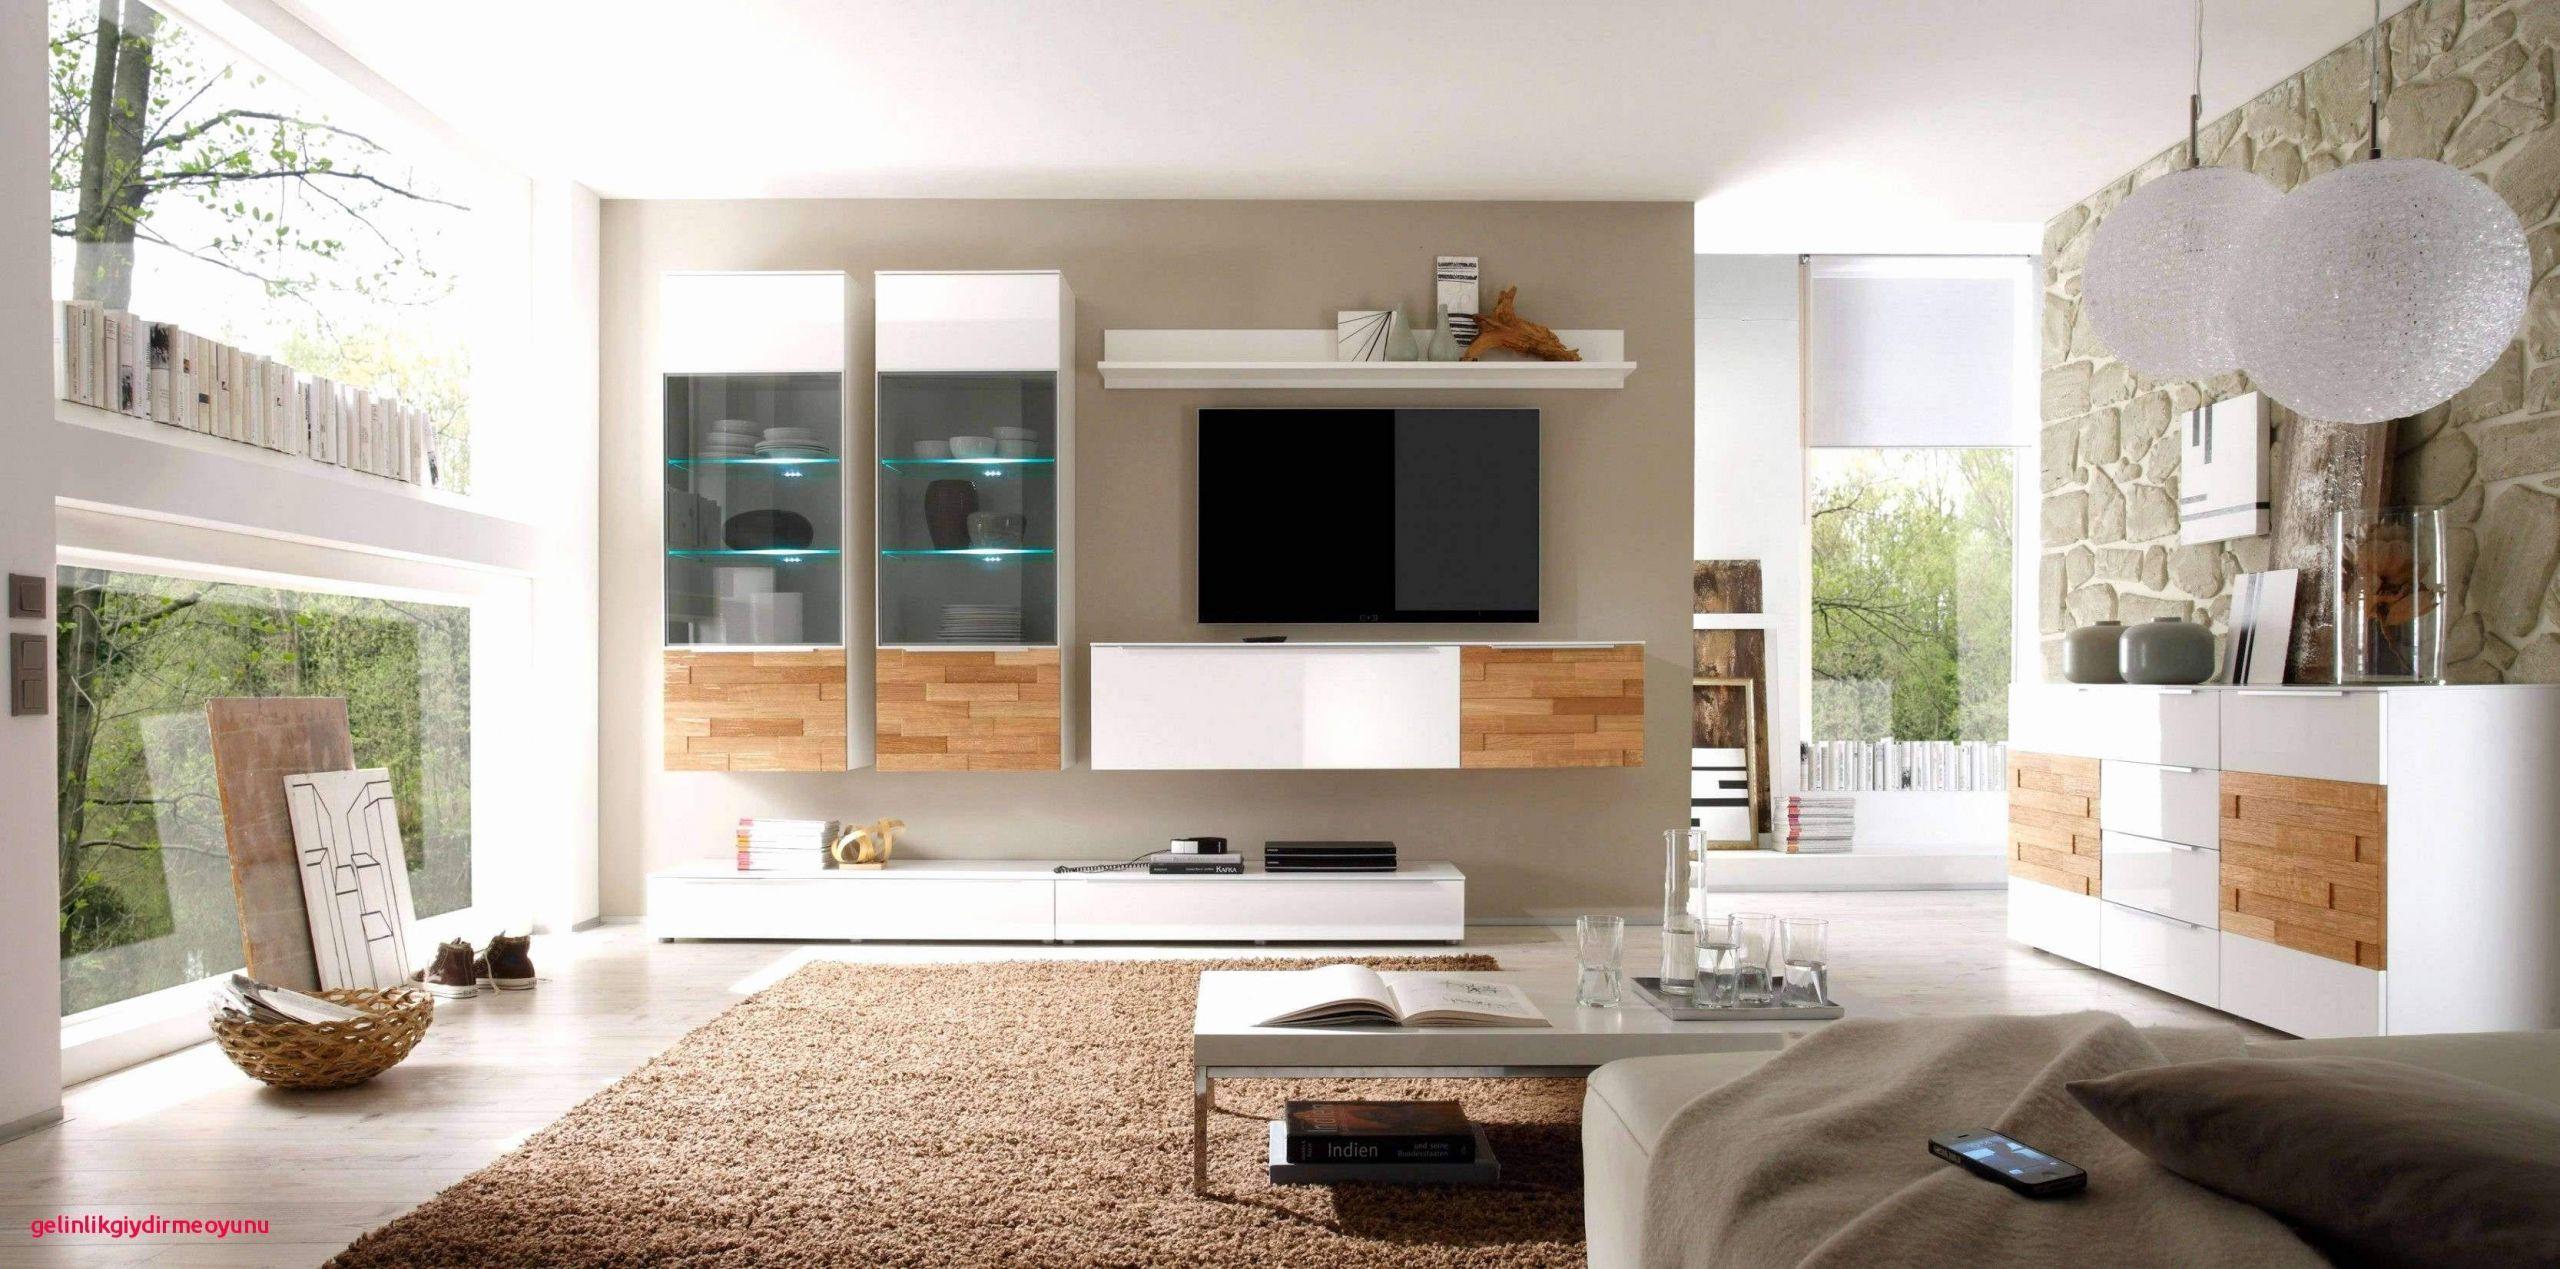 wanddeko wohnzimmer holz das beste von deko ideen wohnzimmer holz schon of wanddeko wohnzimmer holz scaled